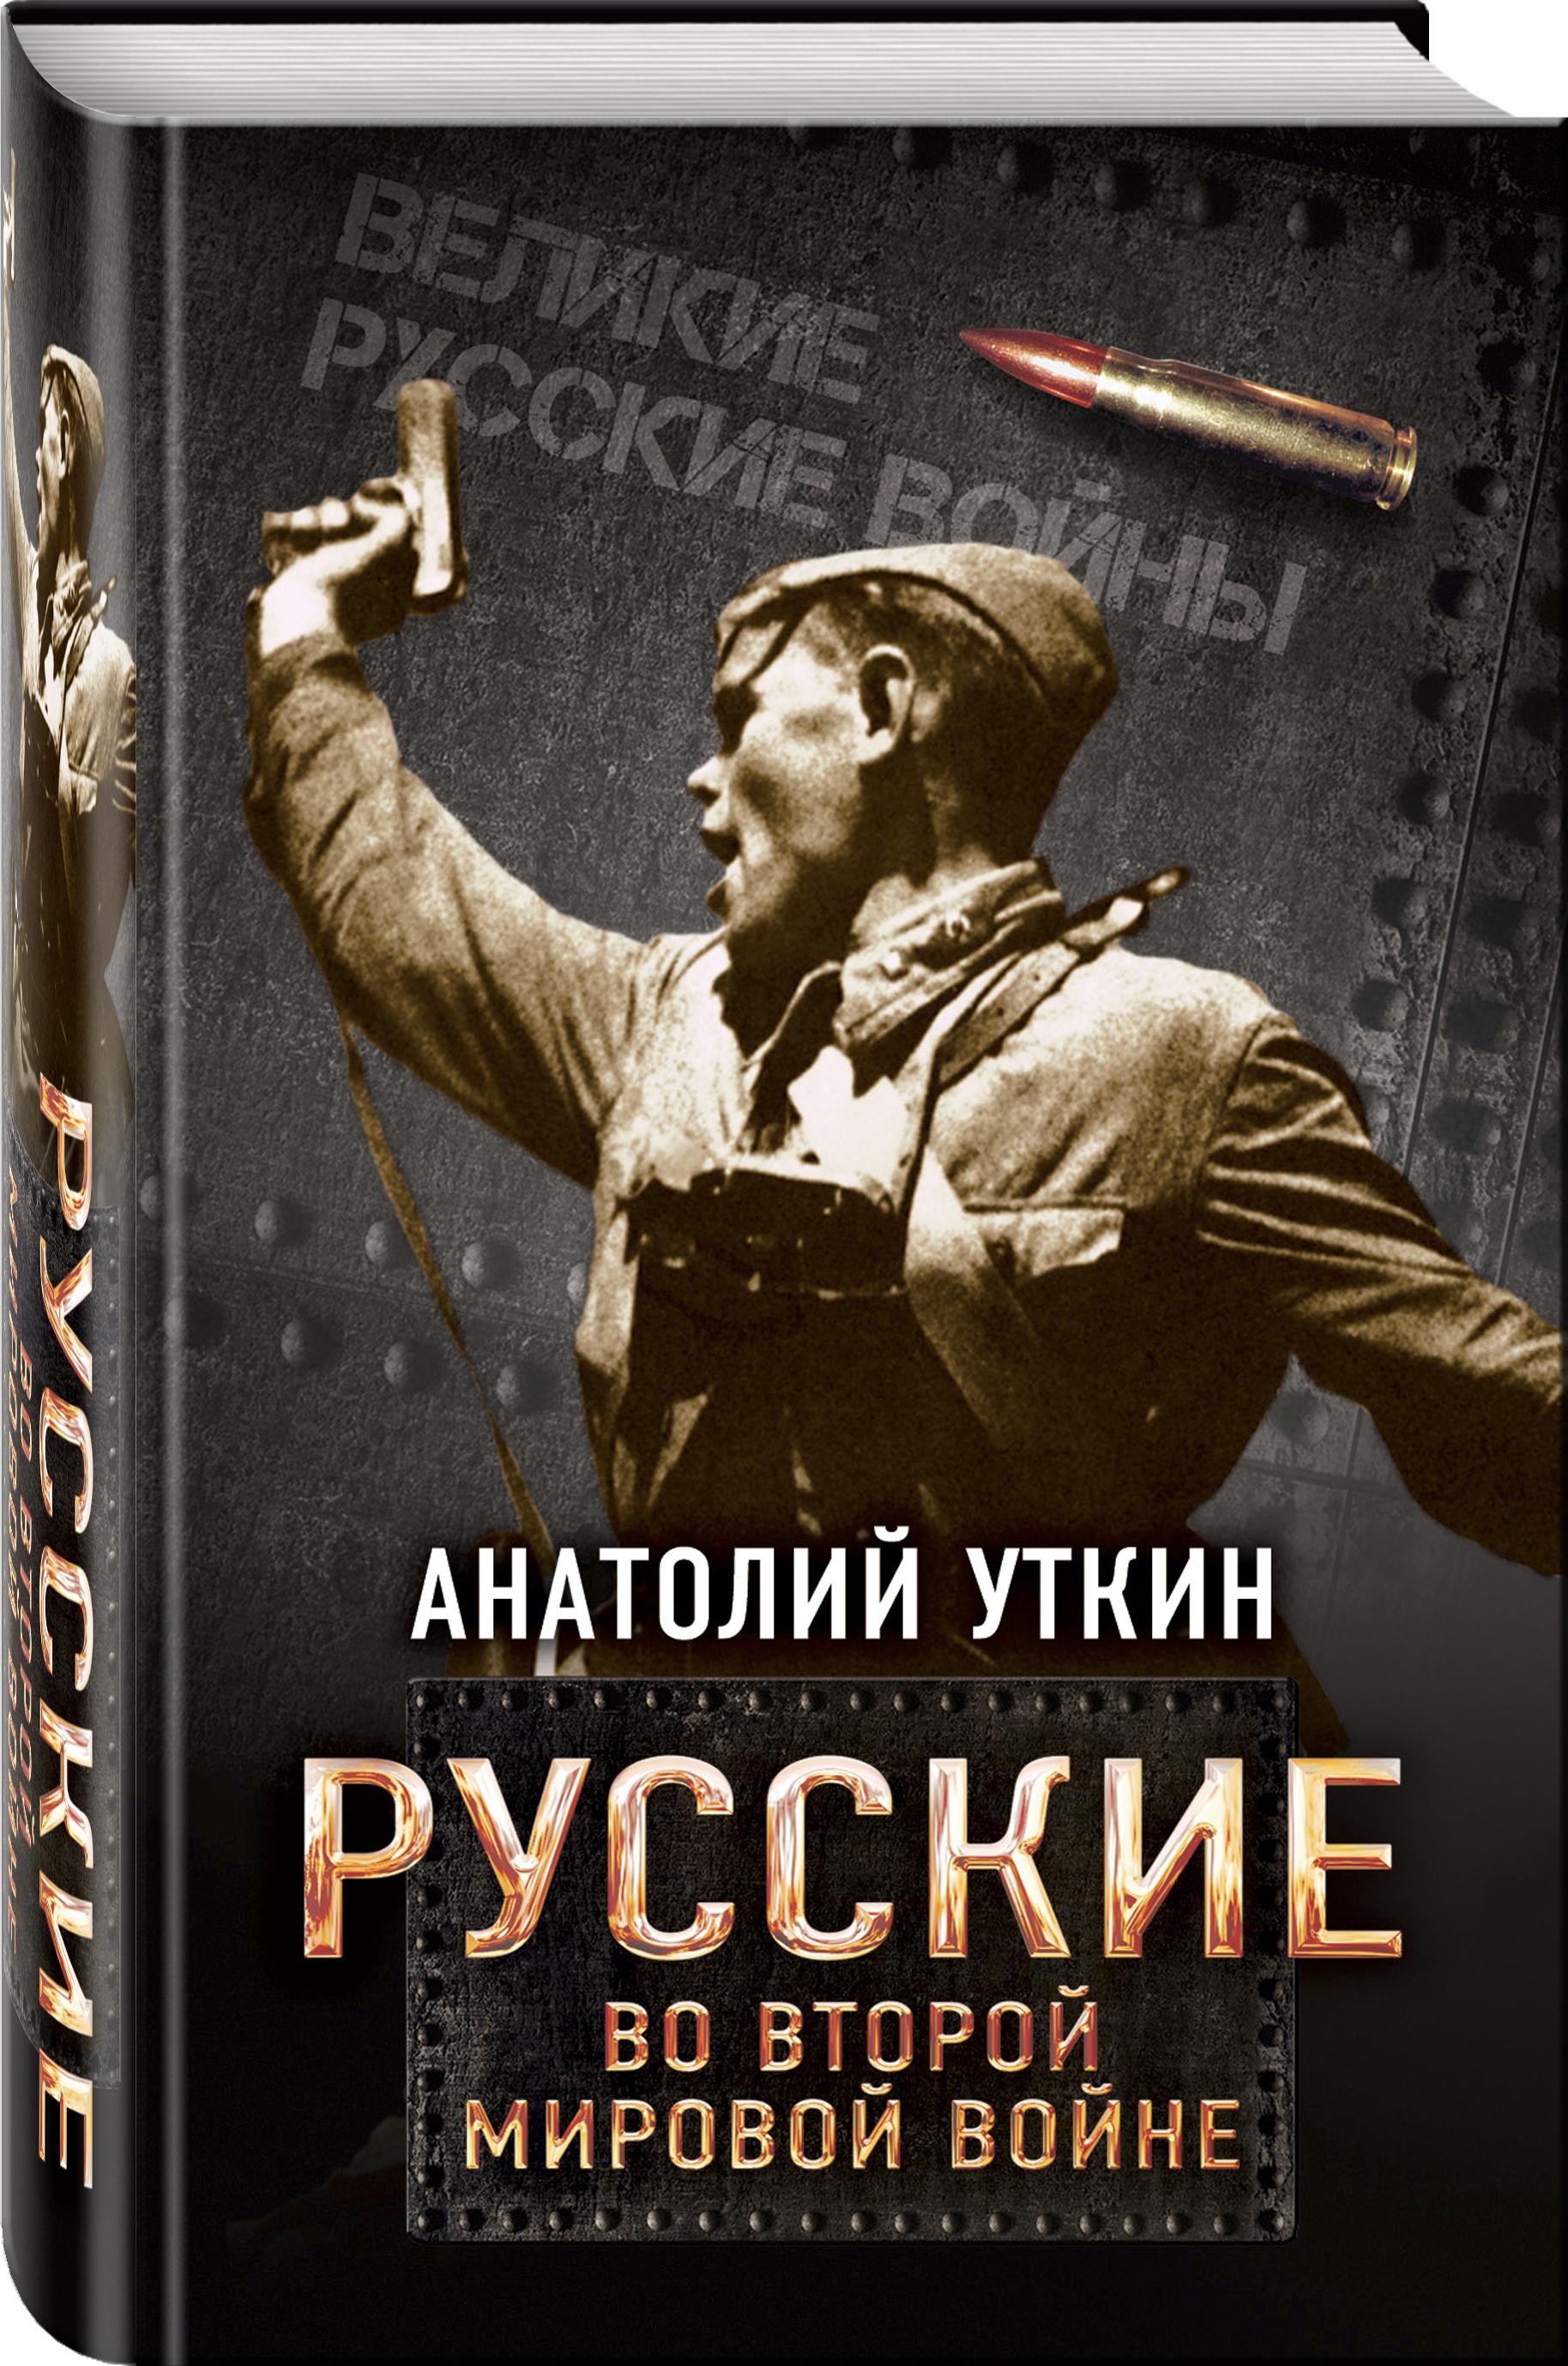 Уткин А.И. Русские во Второй мировой войне